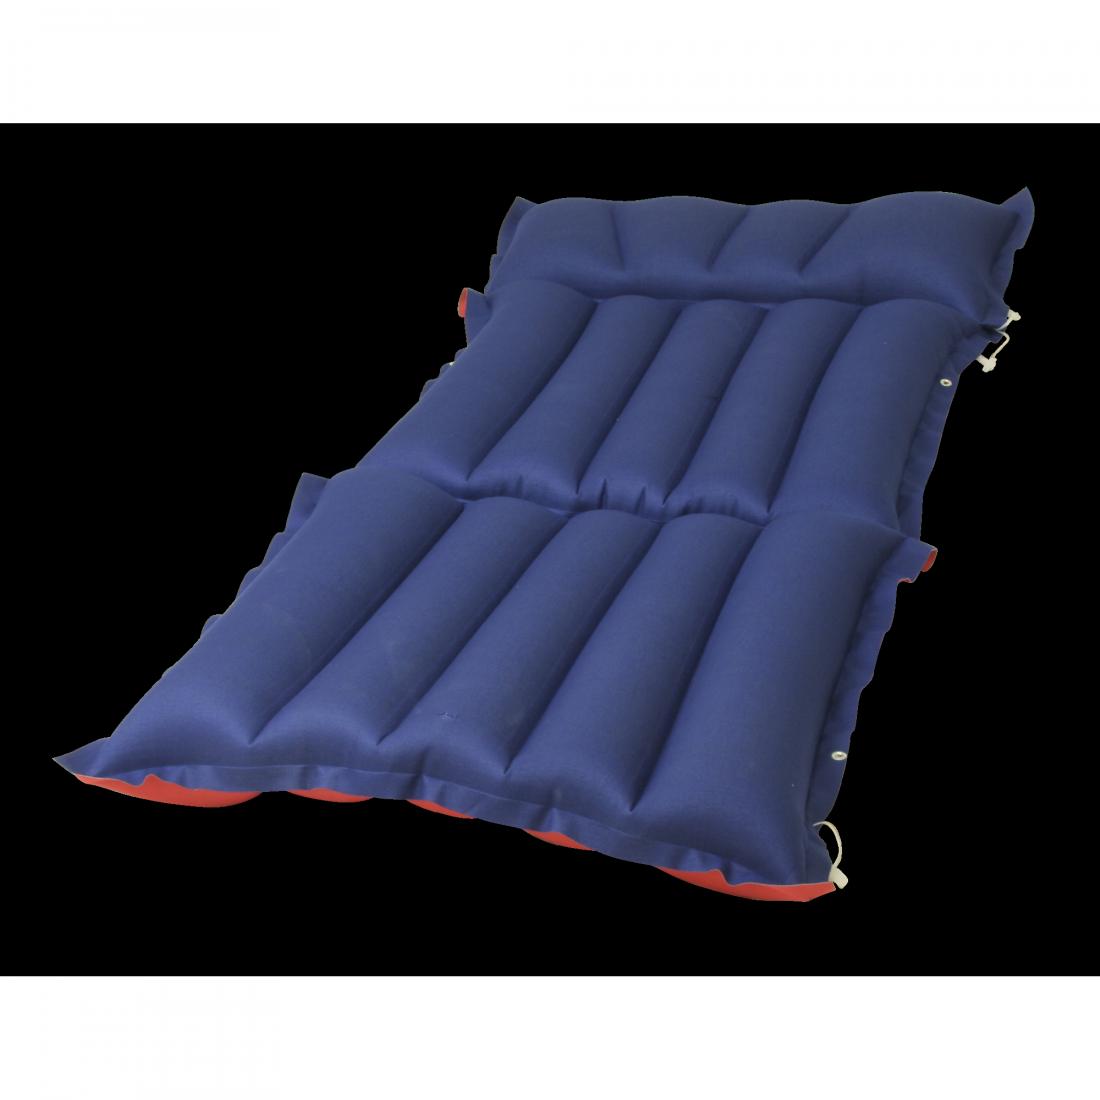 10t ruby sit lie baumwoll luftmatratze liege mit. Black Bedroom Furniture Sets. Home Design Ideas